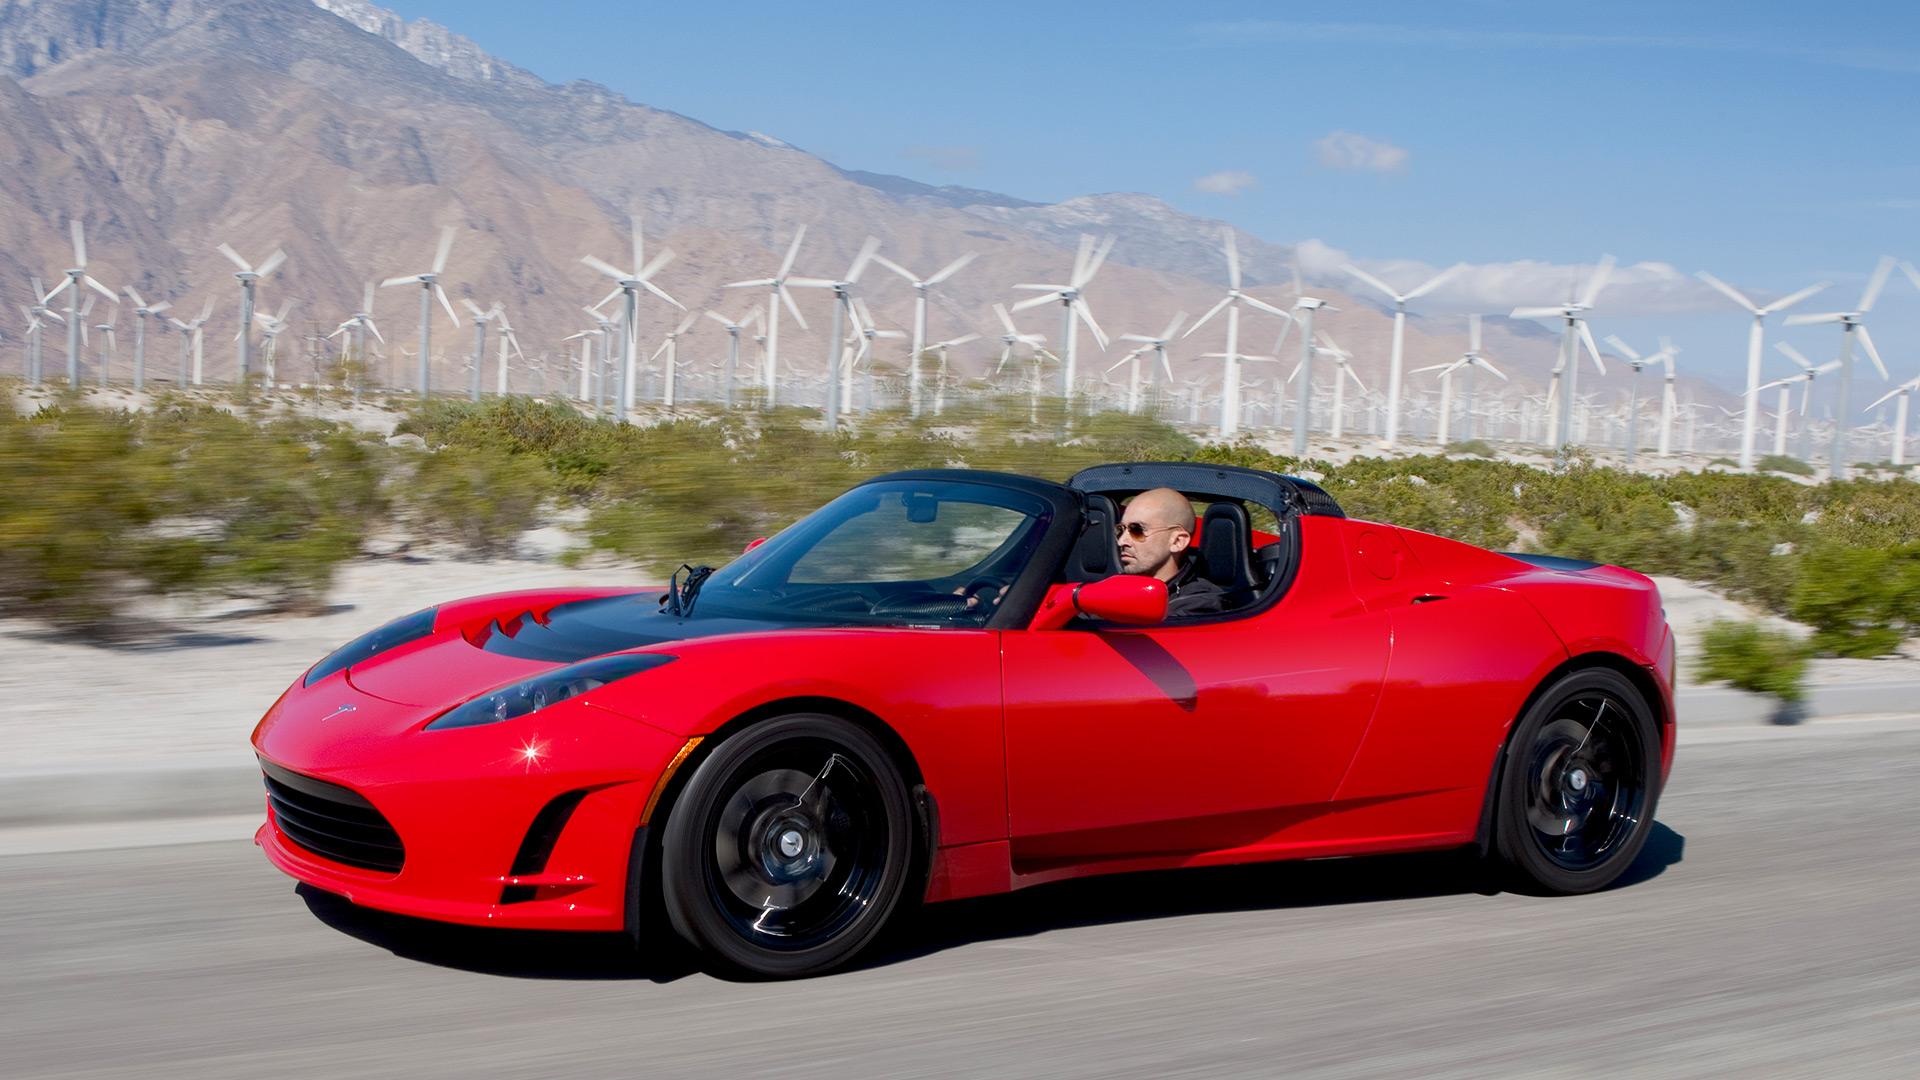 Original Tesla Roadster, built on the Lotus Elise platform, inspired by the legendary EV1. Photo by: Tesla Inc.